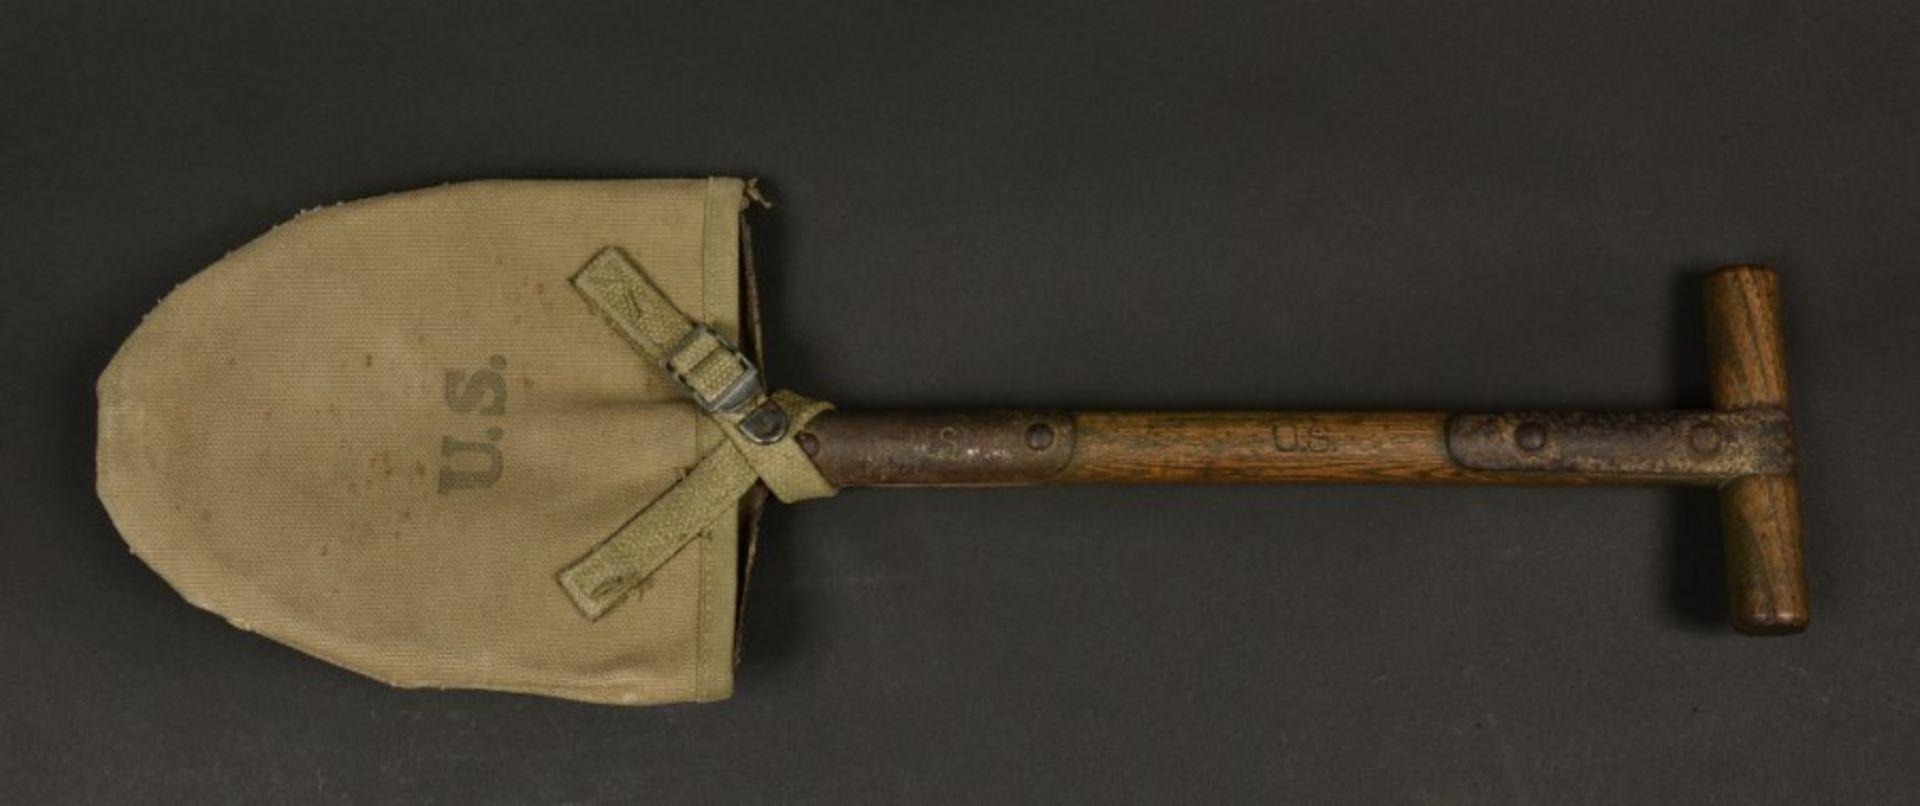 Pelle de l'infirmier parachutiste Jack Truman. Shovel belonging to paratrooper medic Jack - Bild 2 aus 4